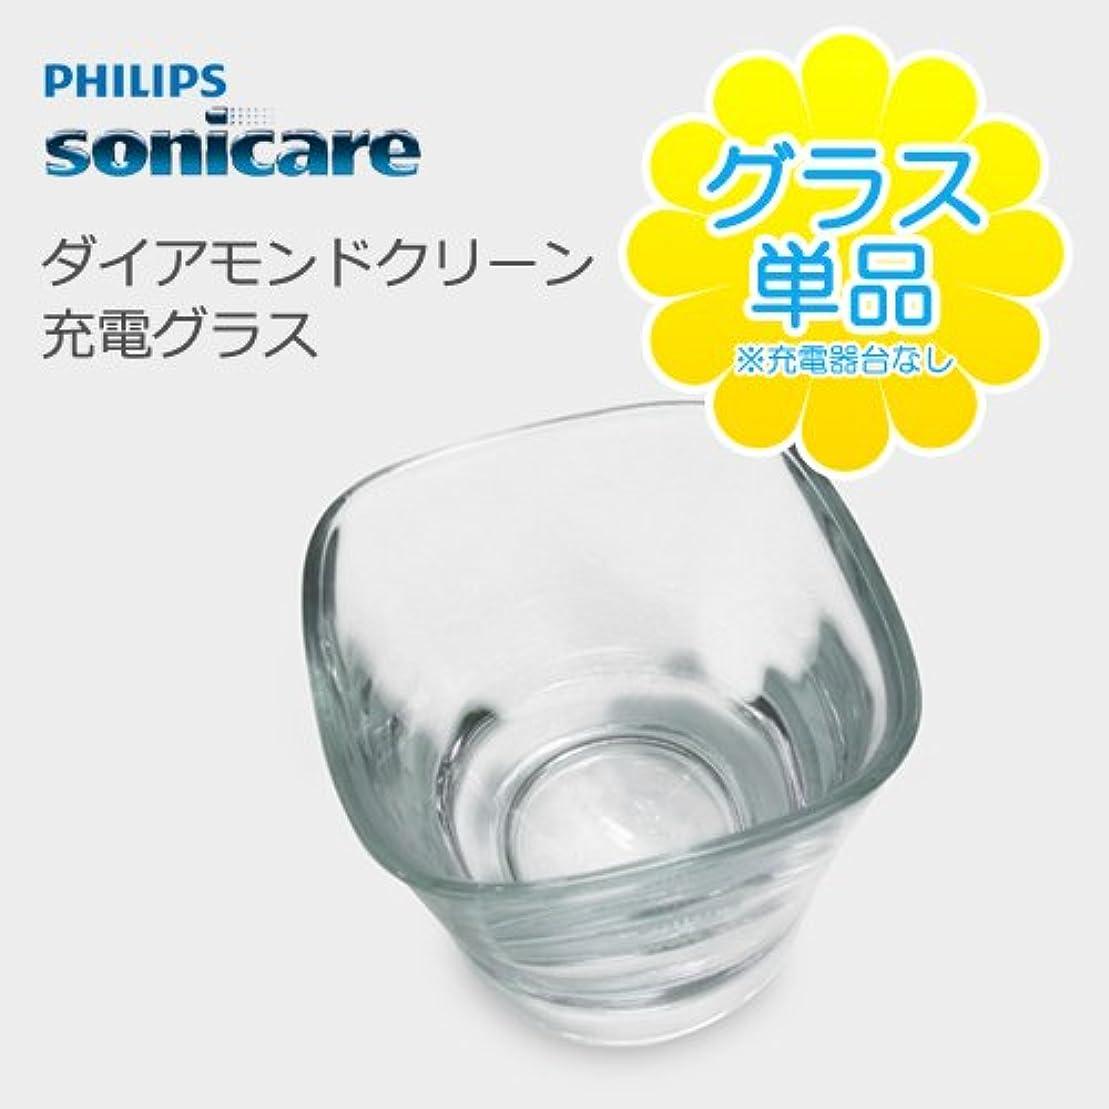 家族コイン栄養PHILIPS sonicare DiamondClean 充電グラス(単品) ソニッケアーダイヤモンドクリーンをお持ちの方におすすめ!充電グラスのみの販売です HX9303/04 HX9353/54 HX9333/04...